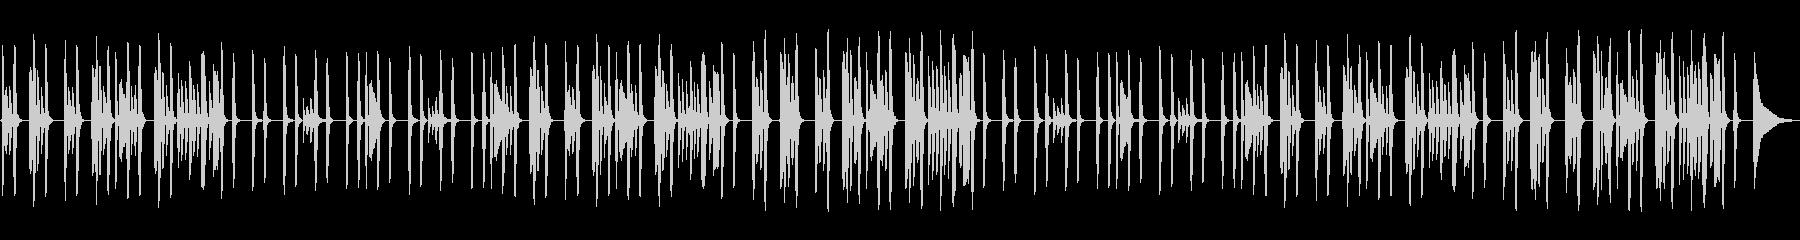 ピアノ・ほんわか・ルーティン・日常の未再生の波形